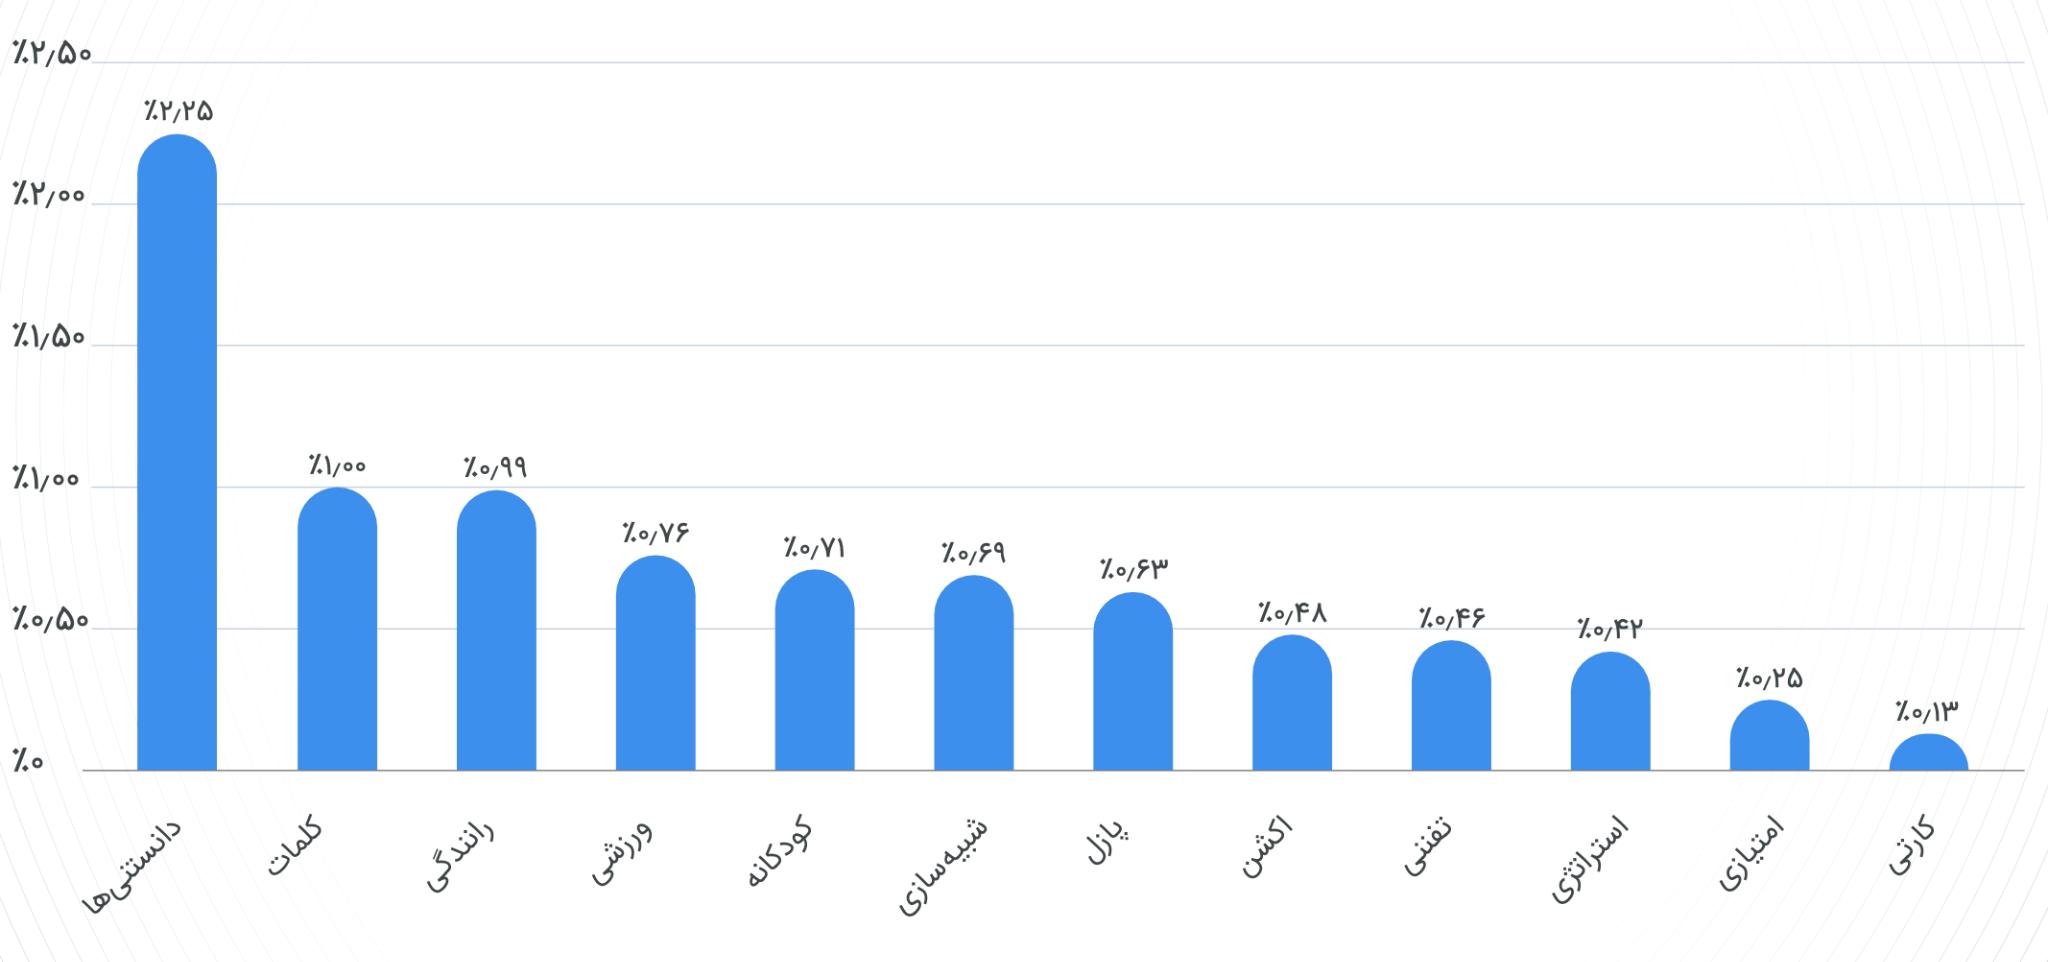 گزارش سالانه پلتفرم آنالیز موبایل مارکتینگ متریکس در سال 1399